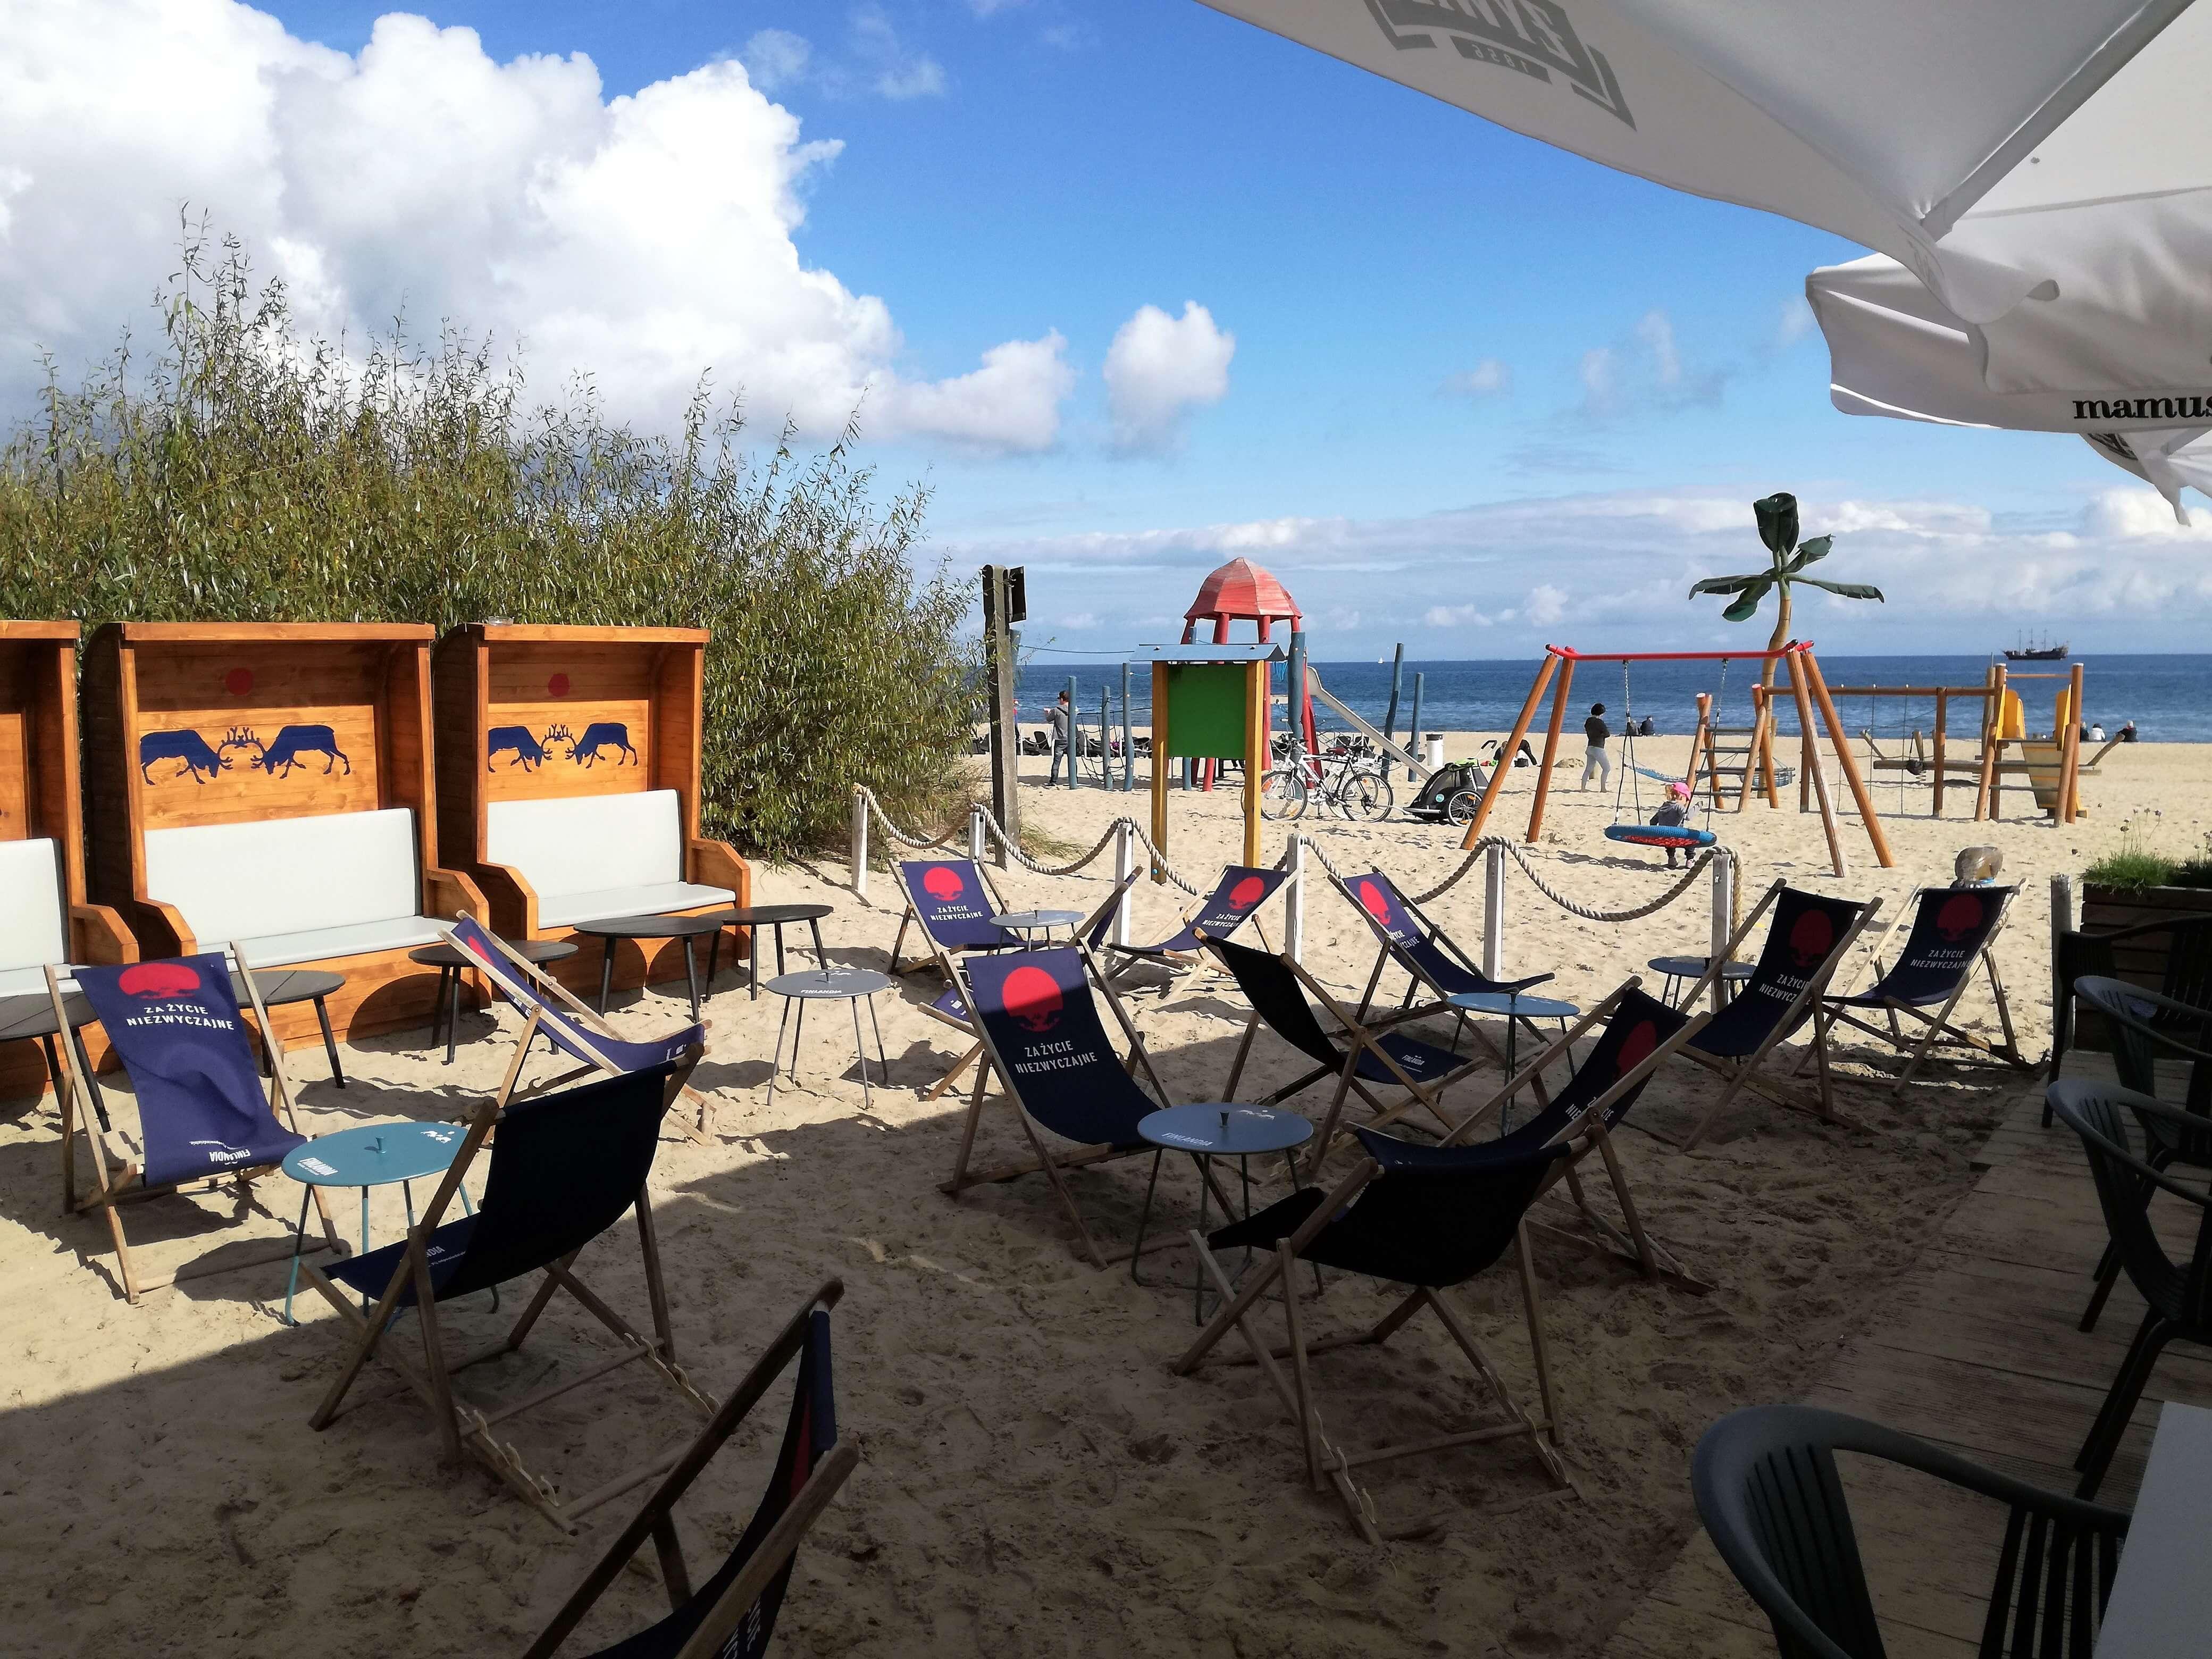 Plac zabaw na plaży Sopot 10_atrakcje dla dzieci Sopot - rodzinnykompas.pl